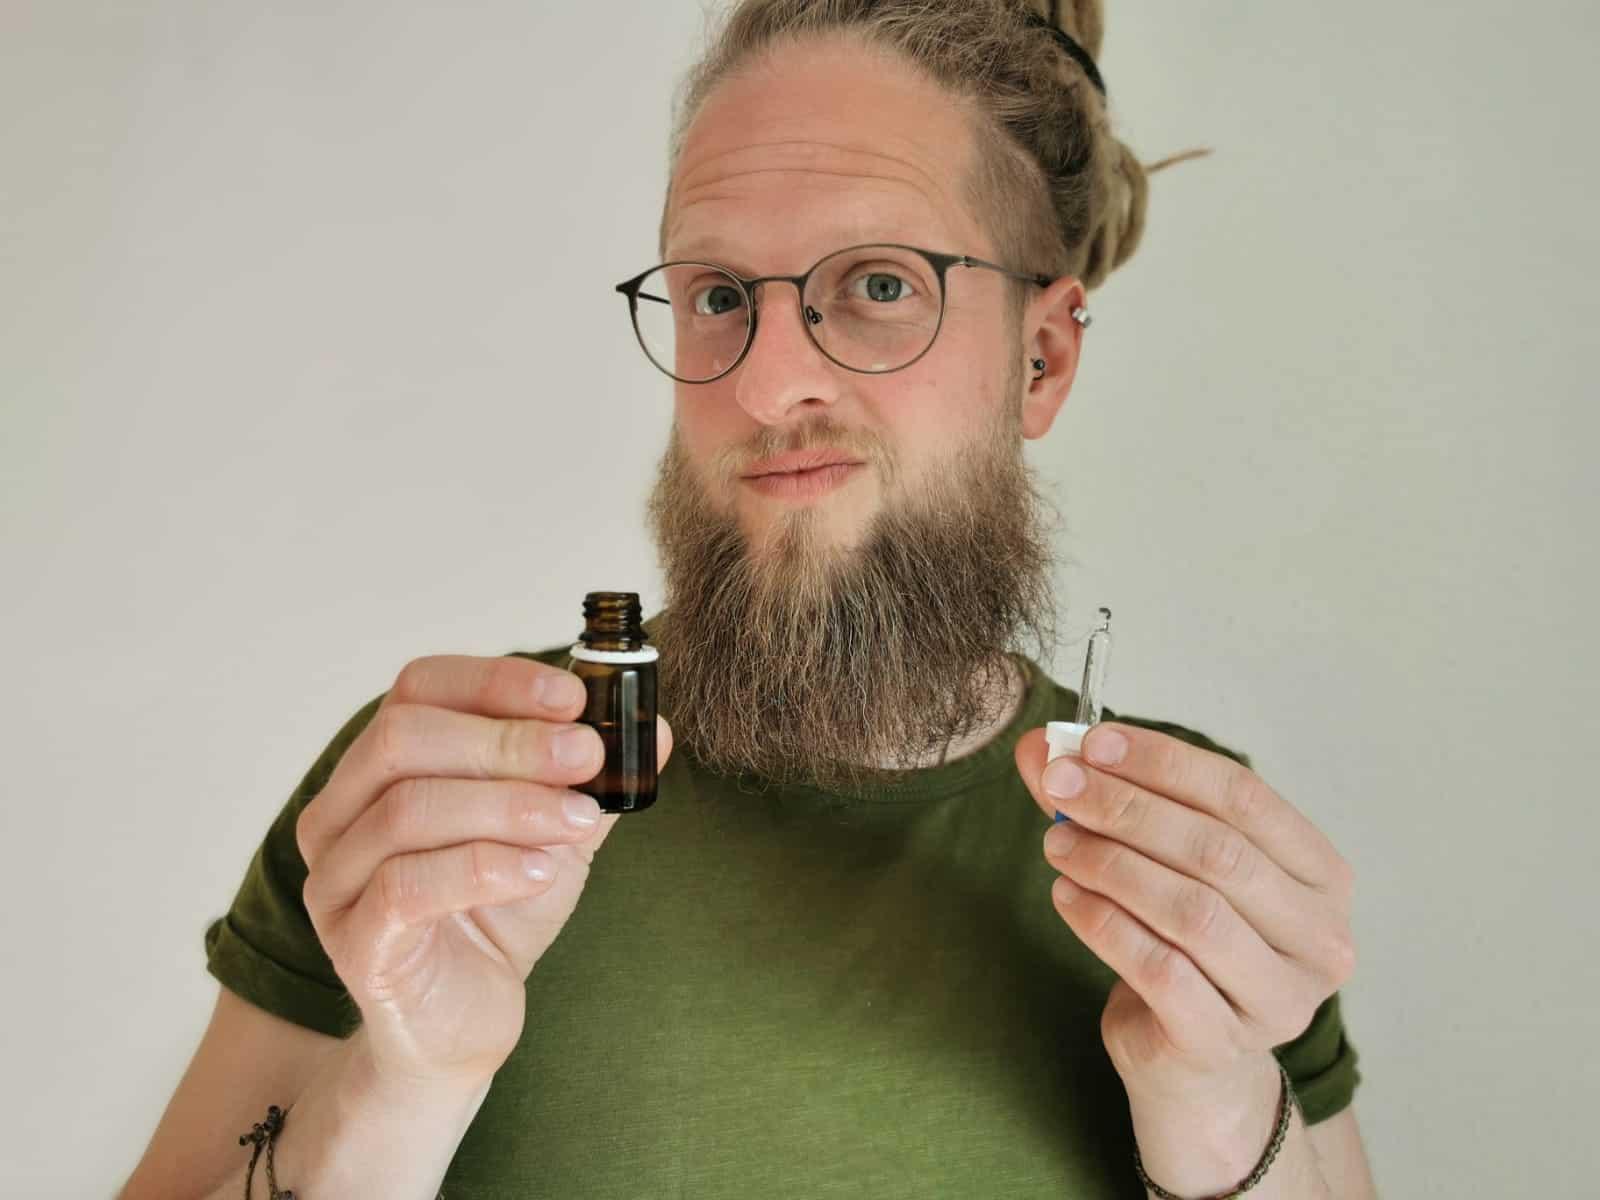 Öle für den Bart - Wie sie angewendet werden!